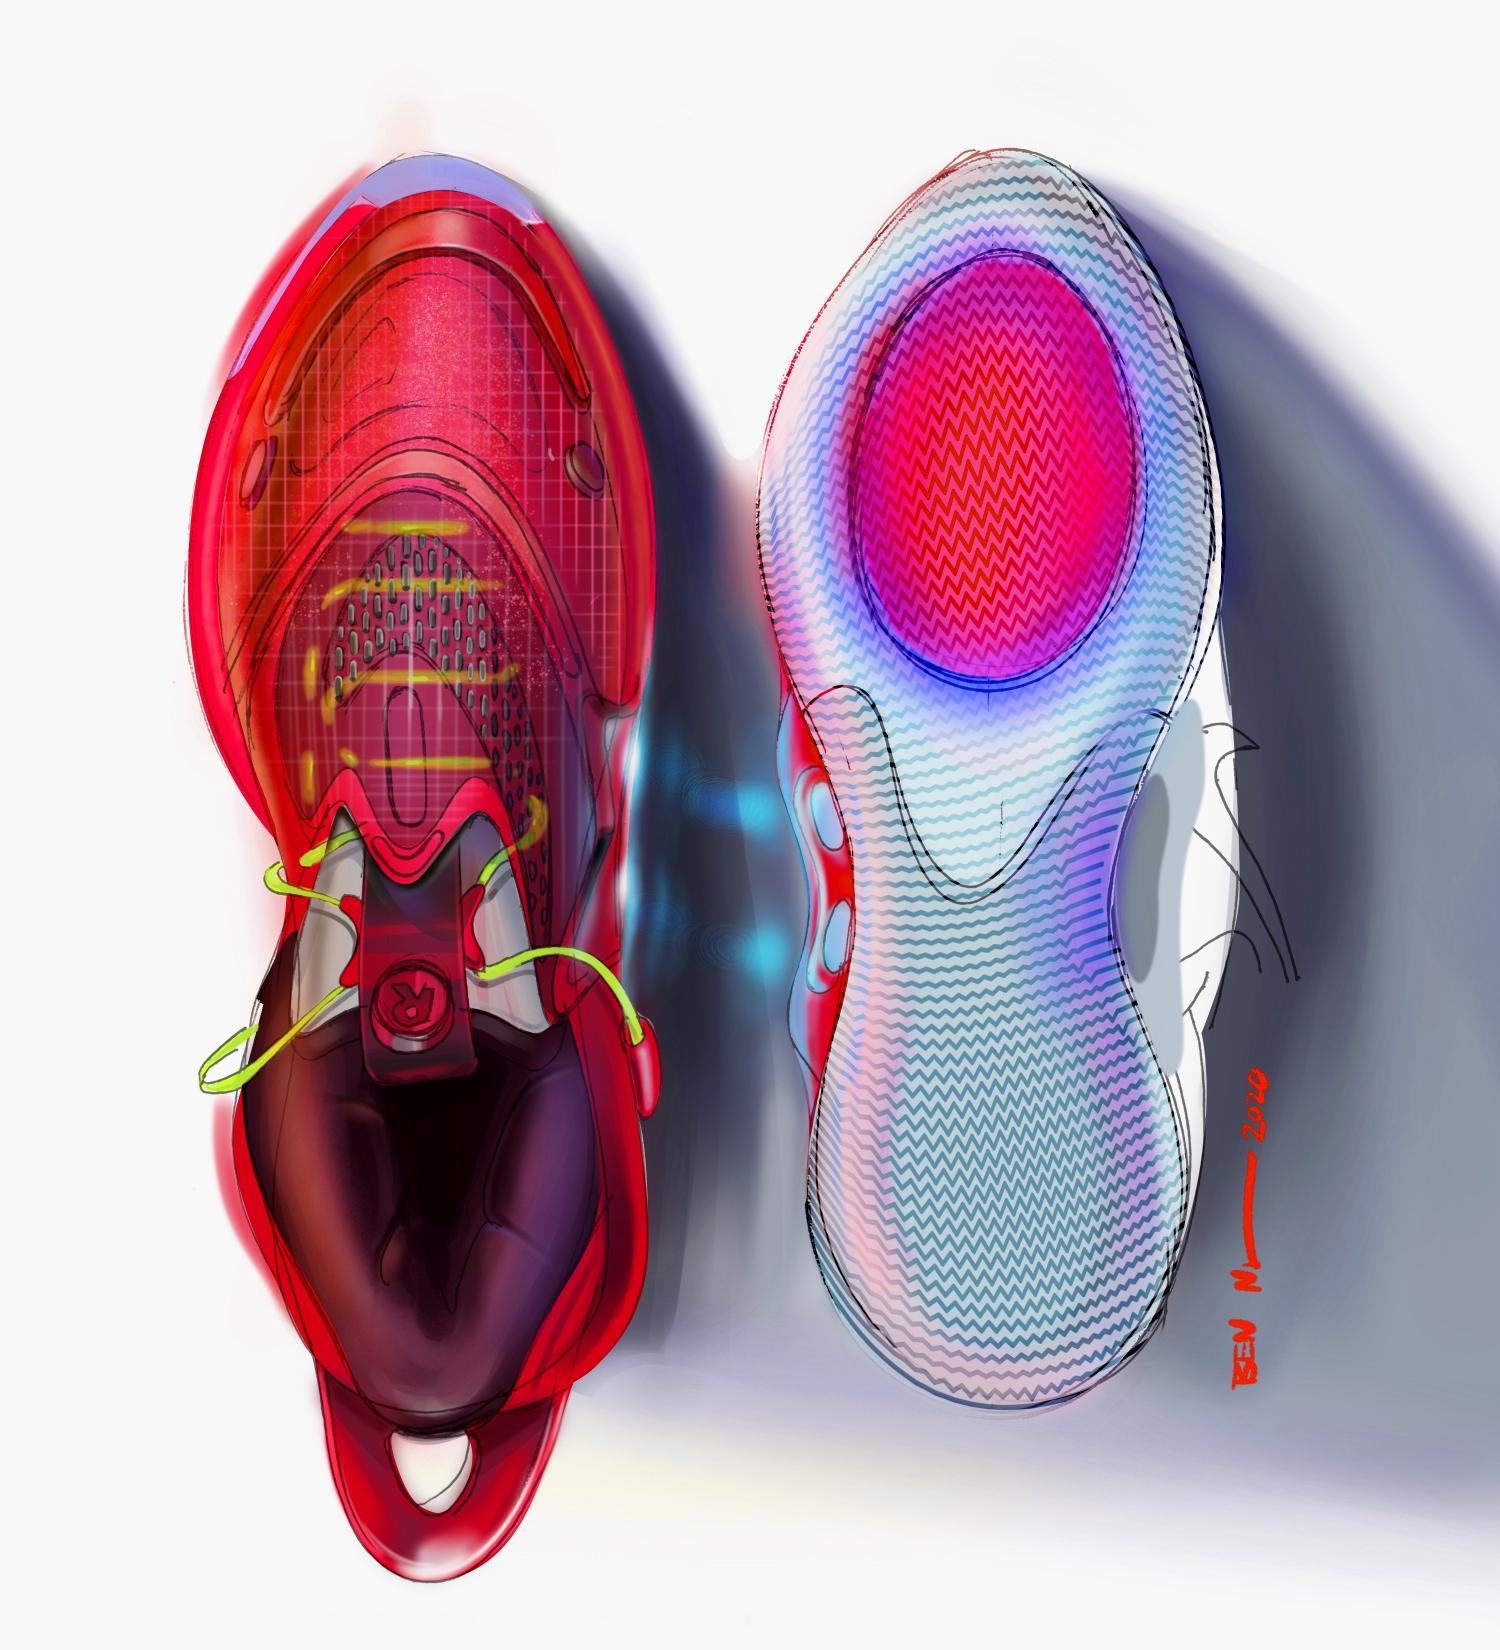 Nike представила второе поколение умных кроссовок Adapt BB2